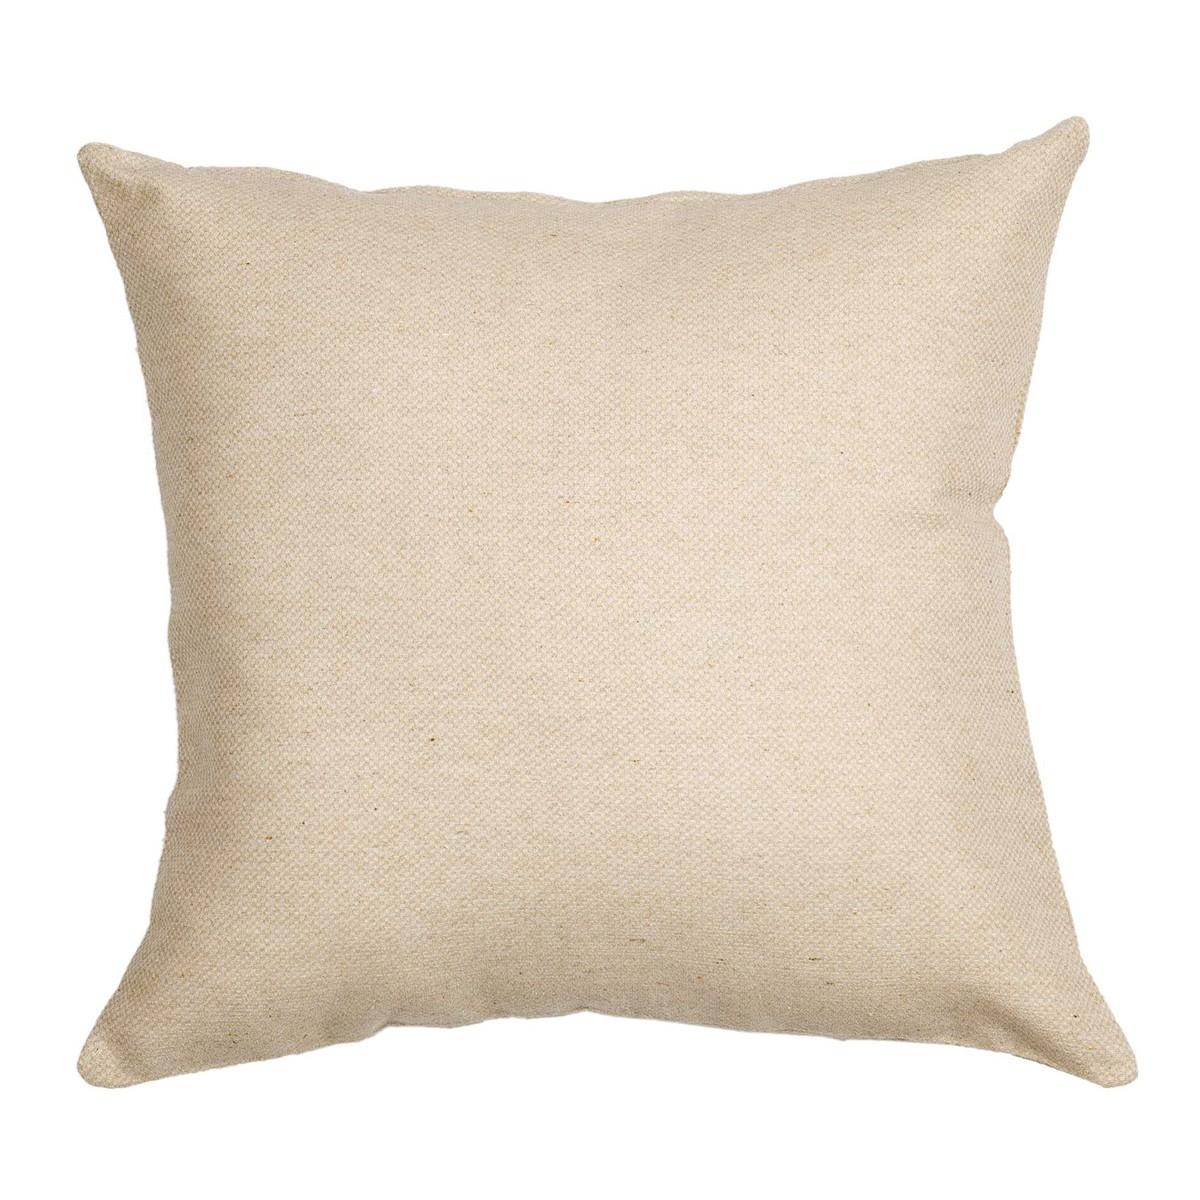 Διακοσμητική Μαξιλαροθήκη Nima Cushions Moreno Beige